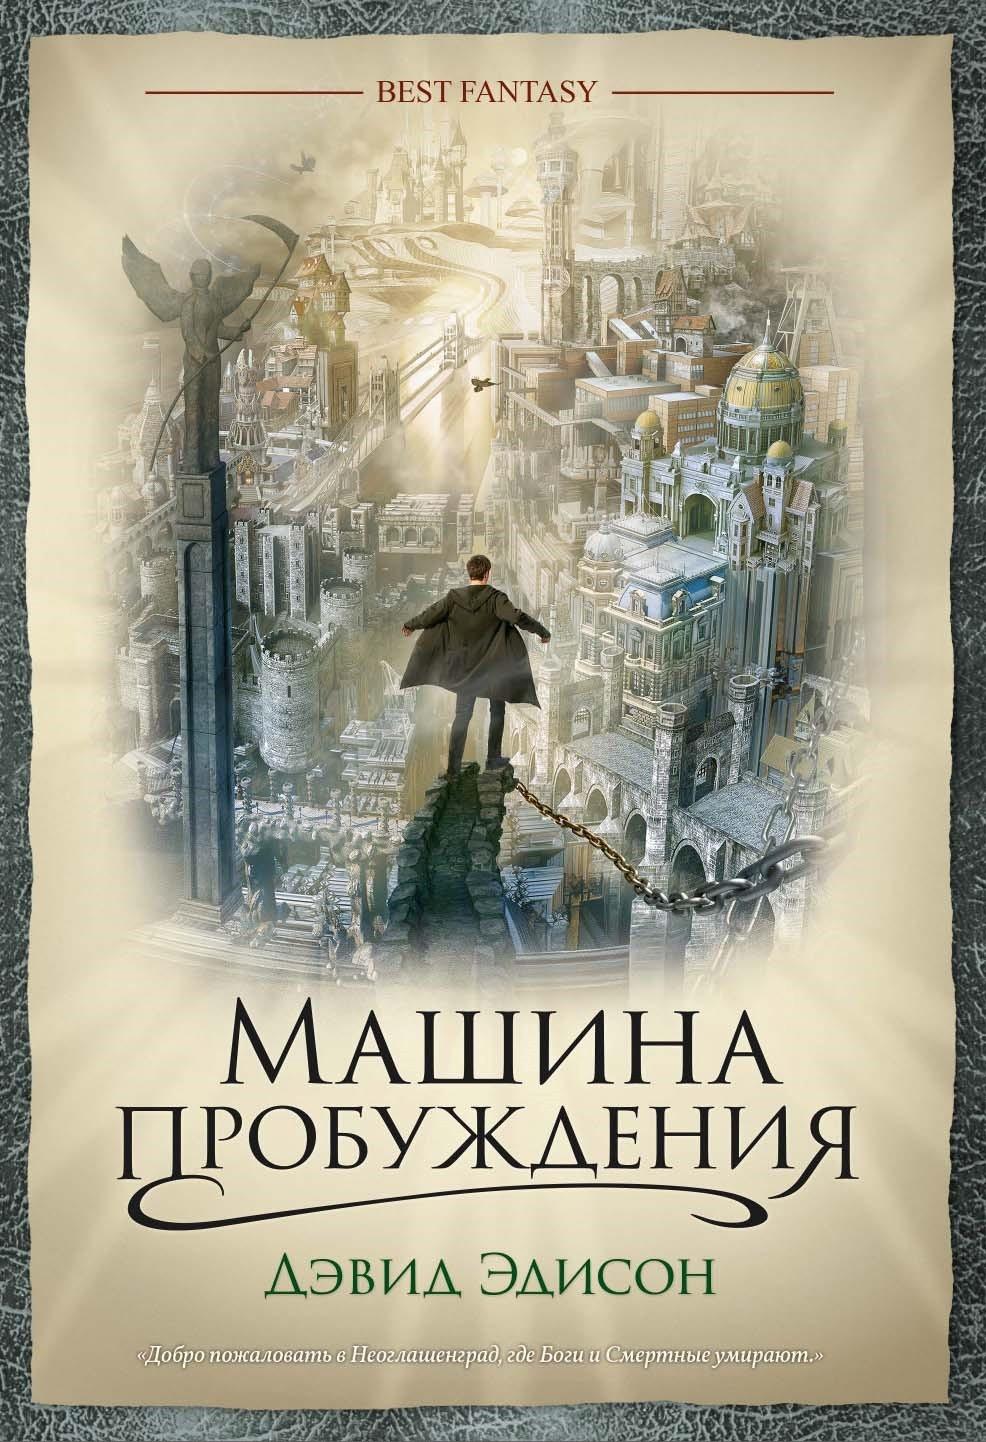 Что почитать: сборник хоррор-рассказов Натана Баллингруда и стимпанк-роман Эдисона 1